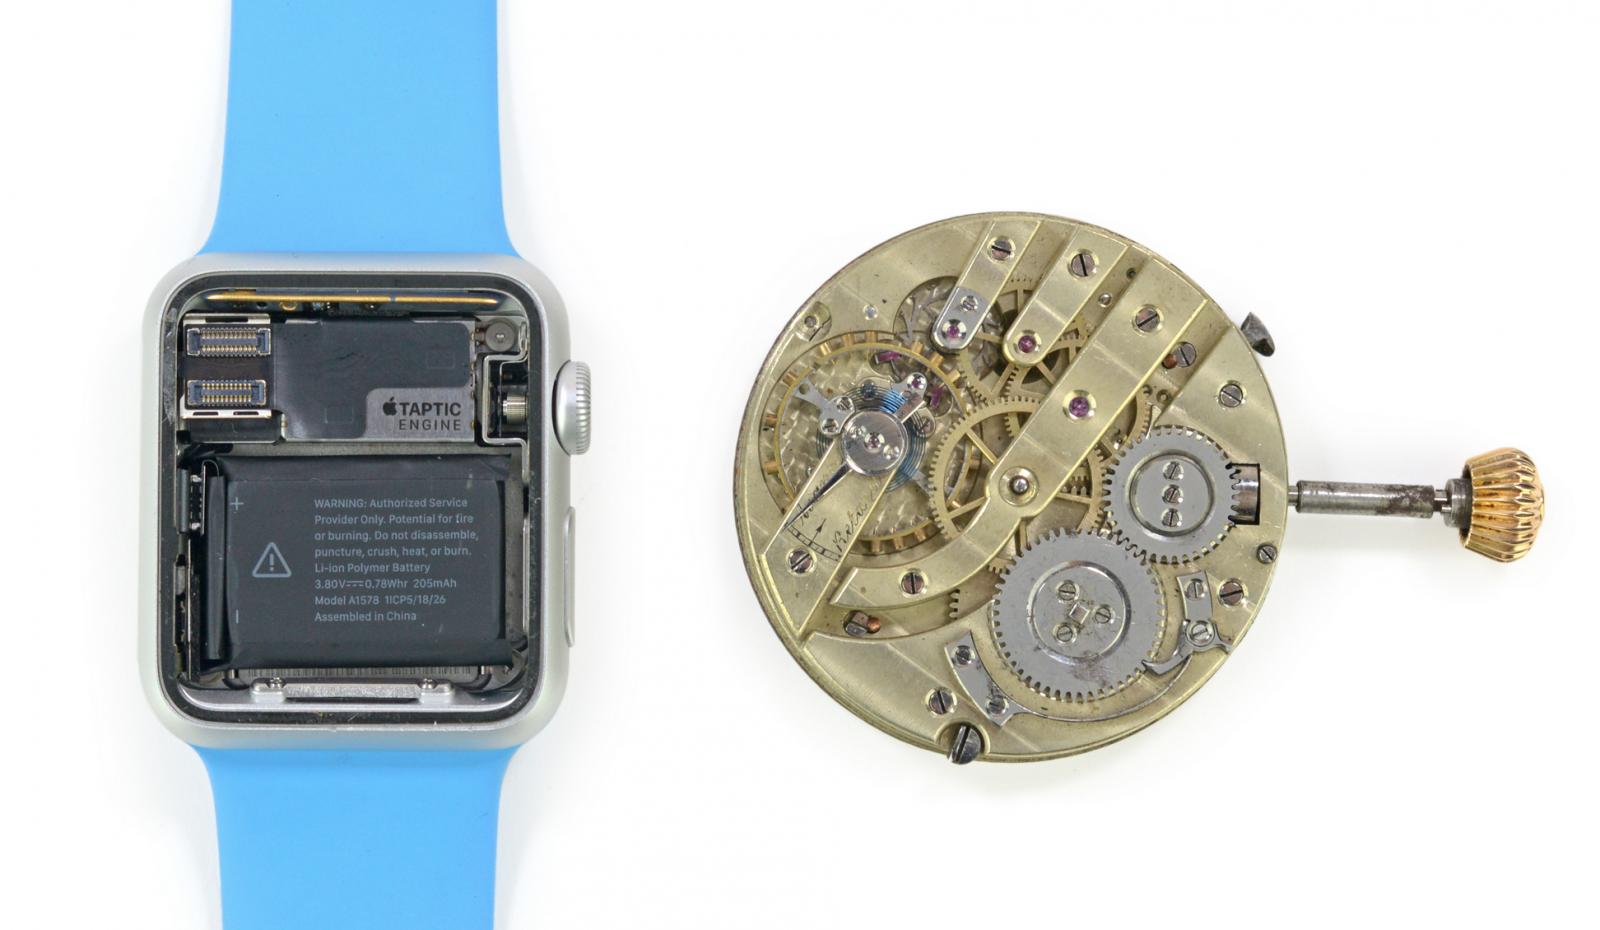 Apple Watch vs Pocket Watch